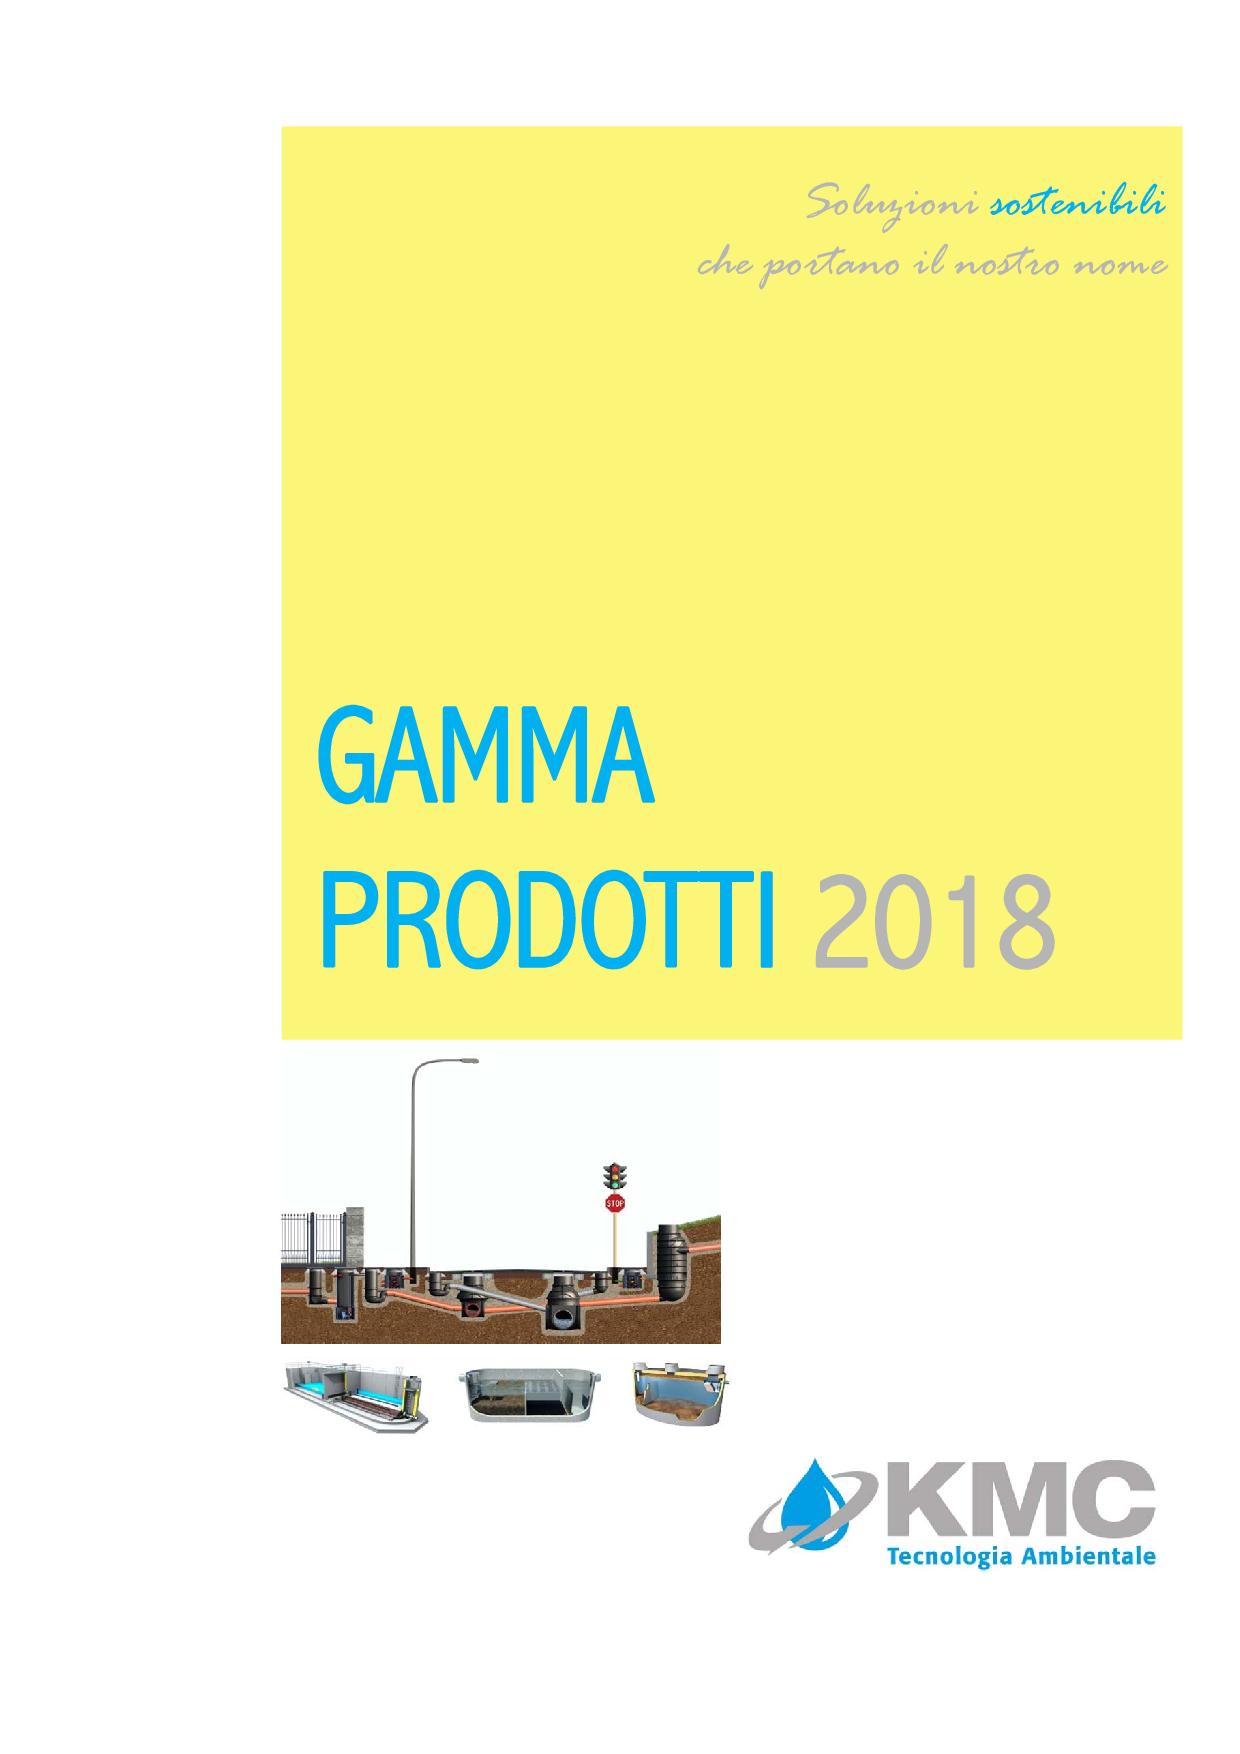 GAMMA PRODOTTI KMC 2018